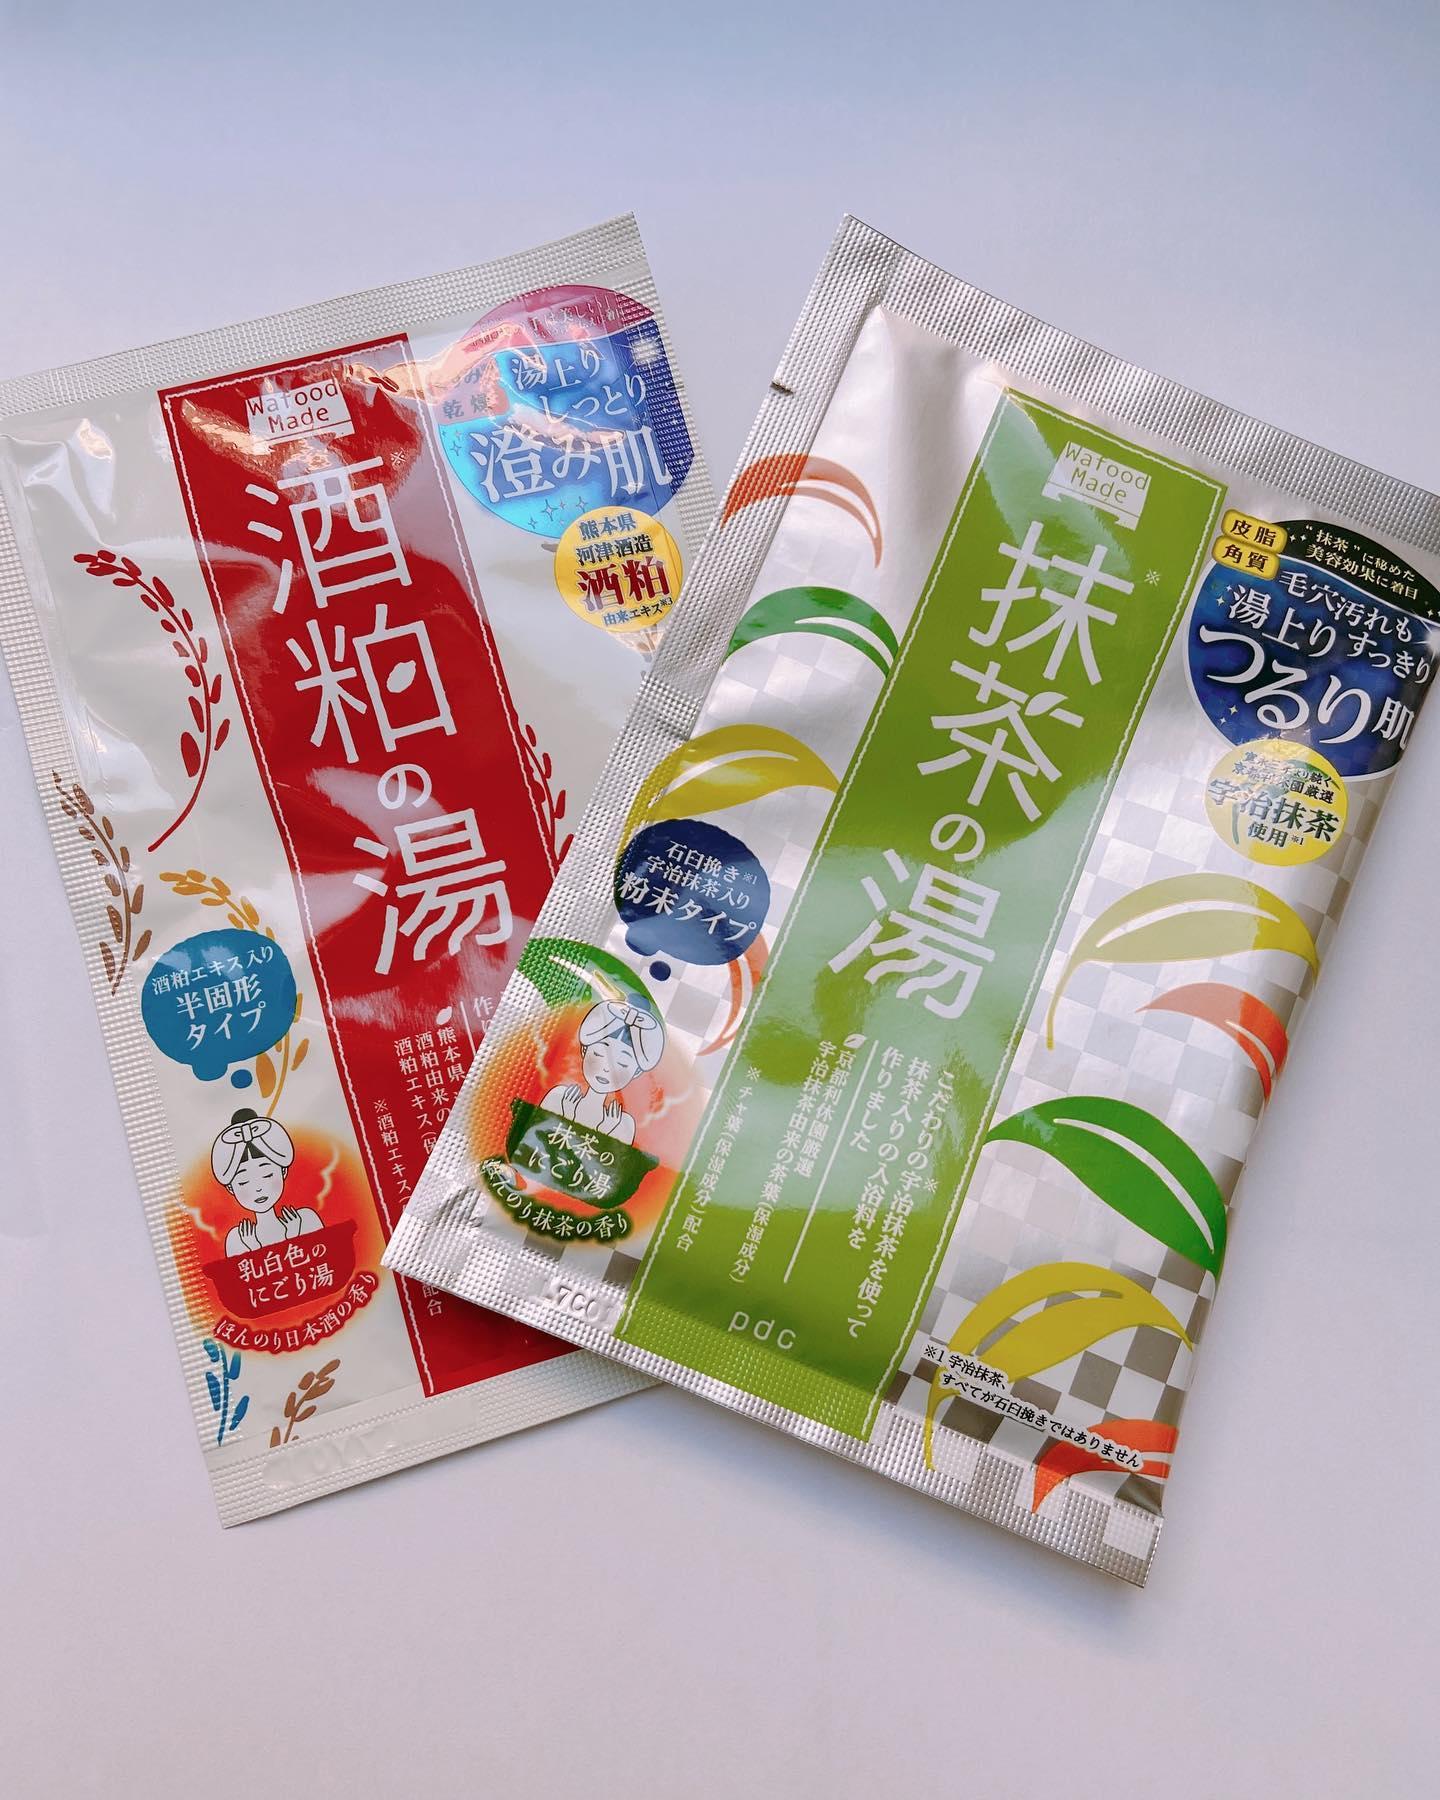 口コミ投稿:pcd様のワフードメイド抹茶の湯.酒粕の湯香りも良く癒されます。スキンケア用品のワ…